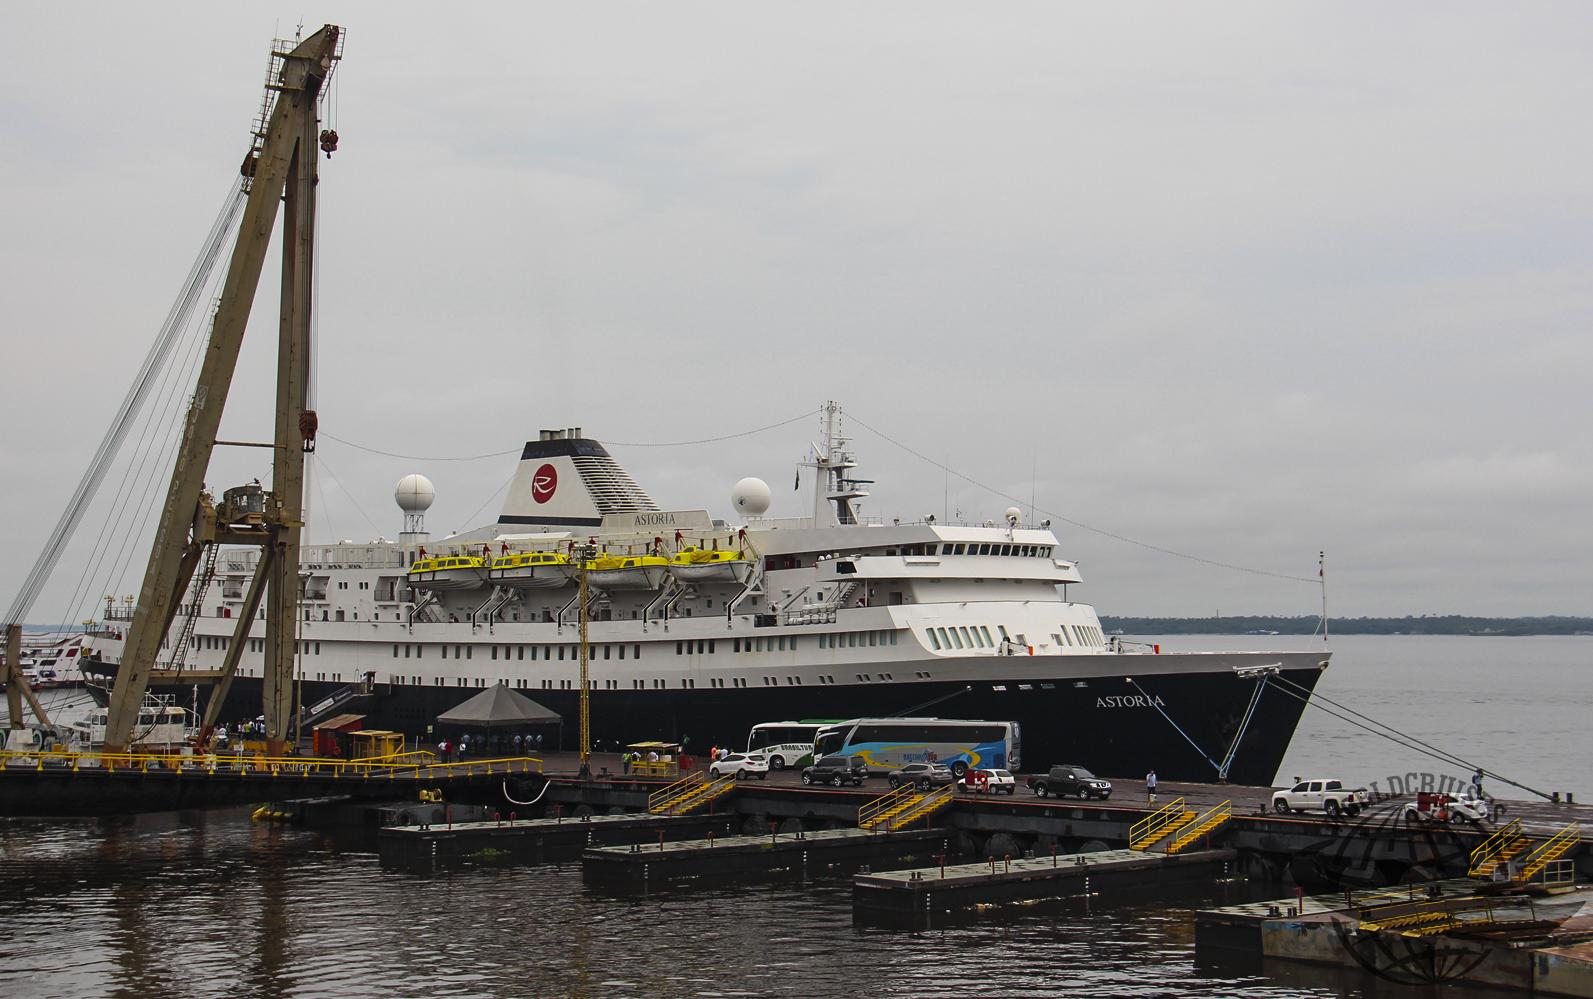 Temporada de cruzeiros de Manaus começa com escala do